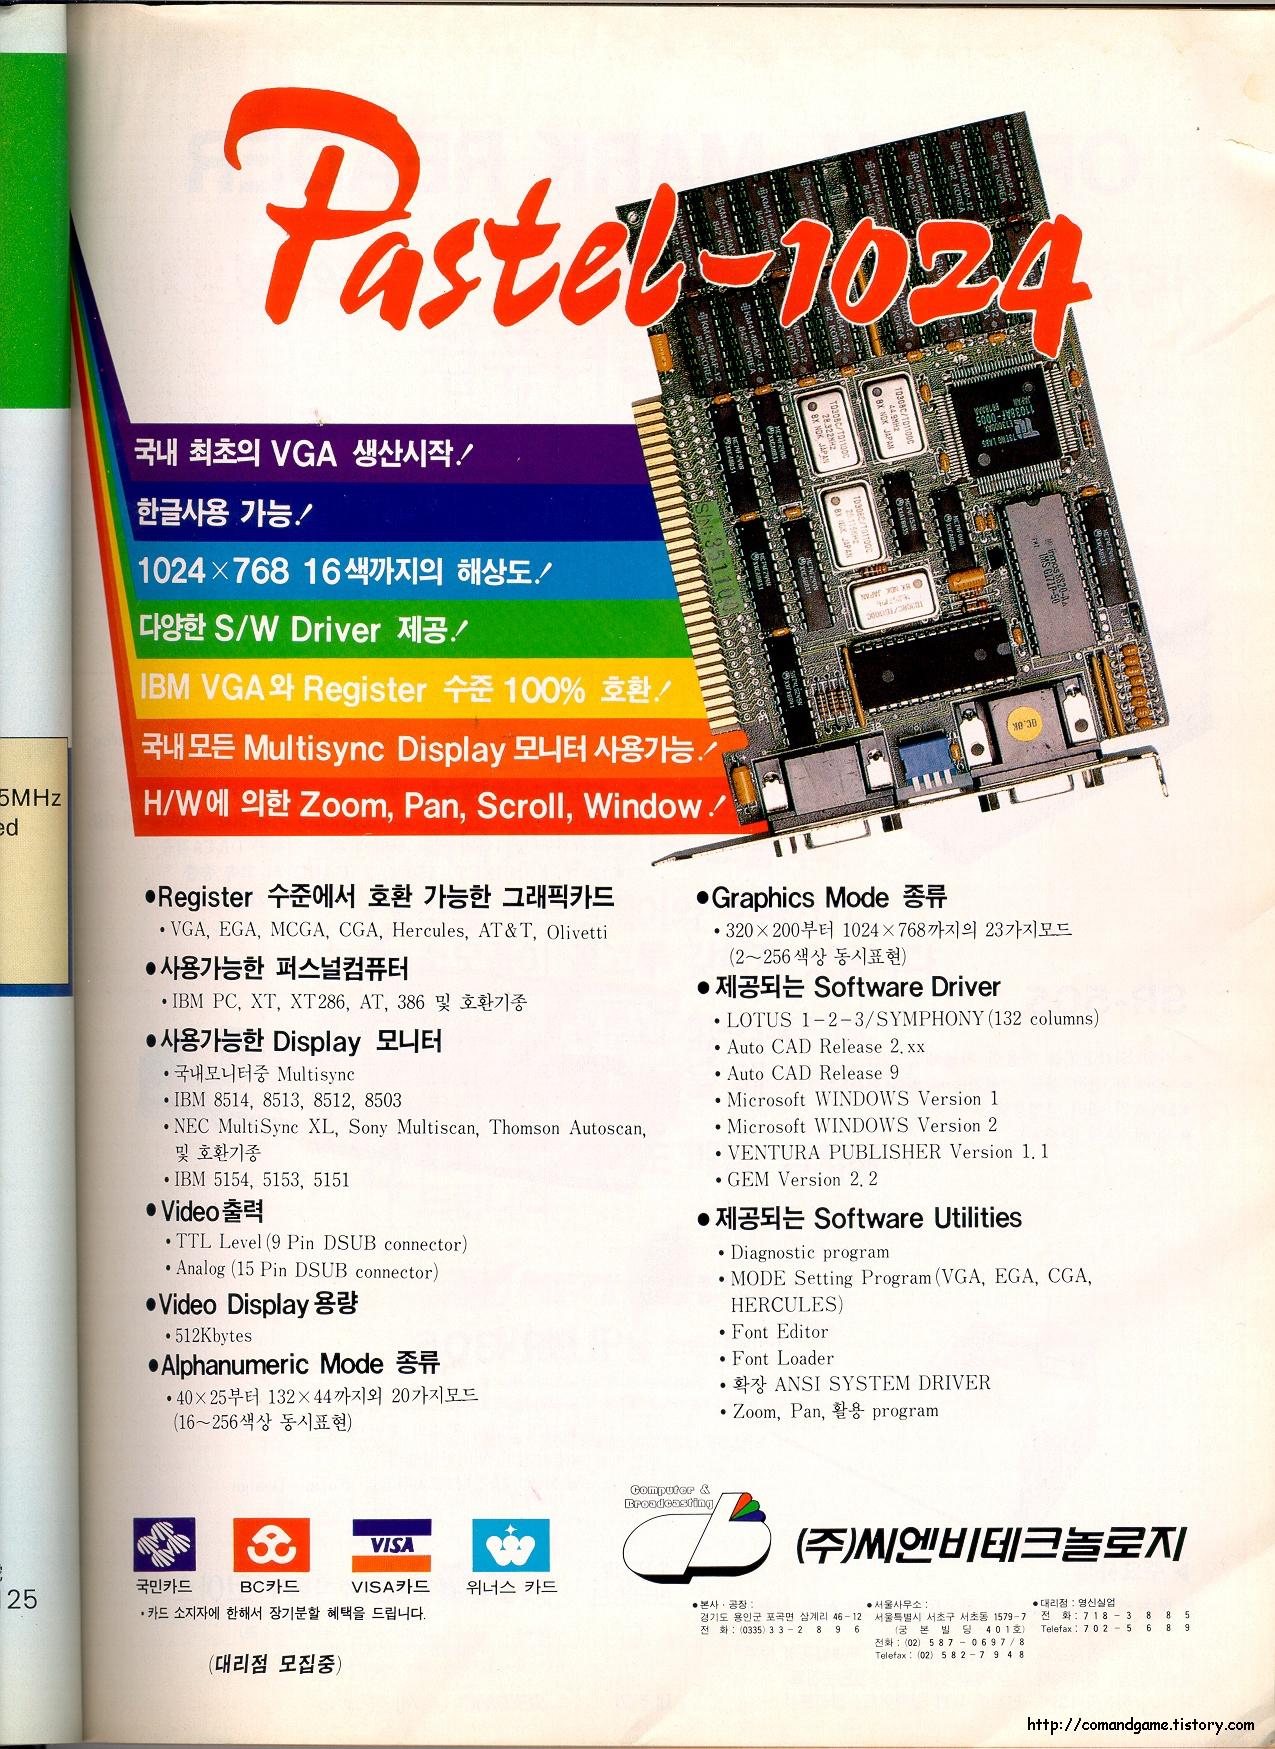 파스텔-1024 (PASTEL-1024) 국내최초 VGA 카드 잡지 광고